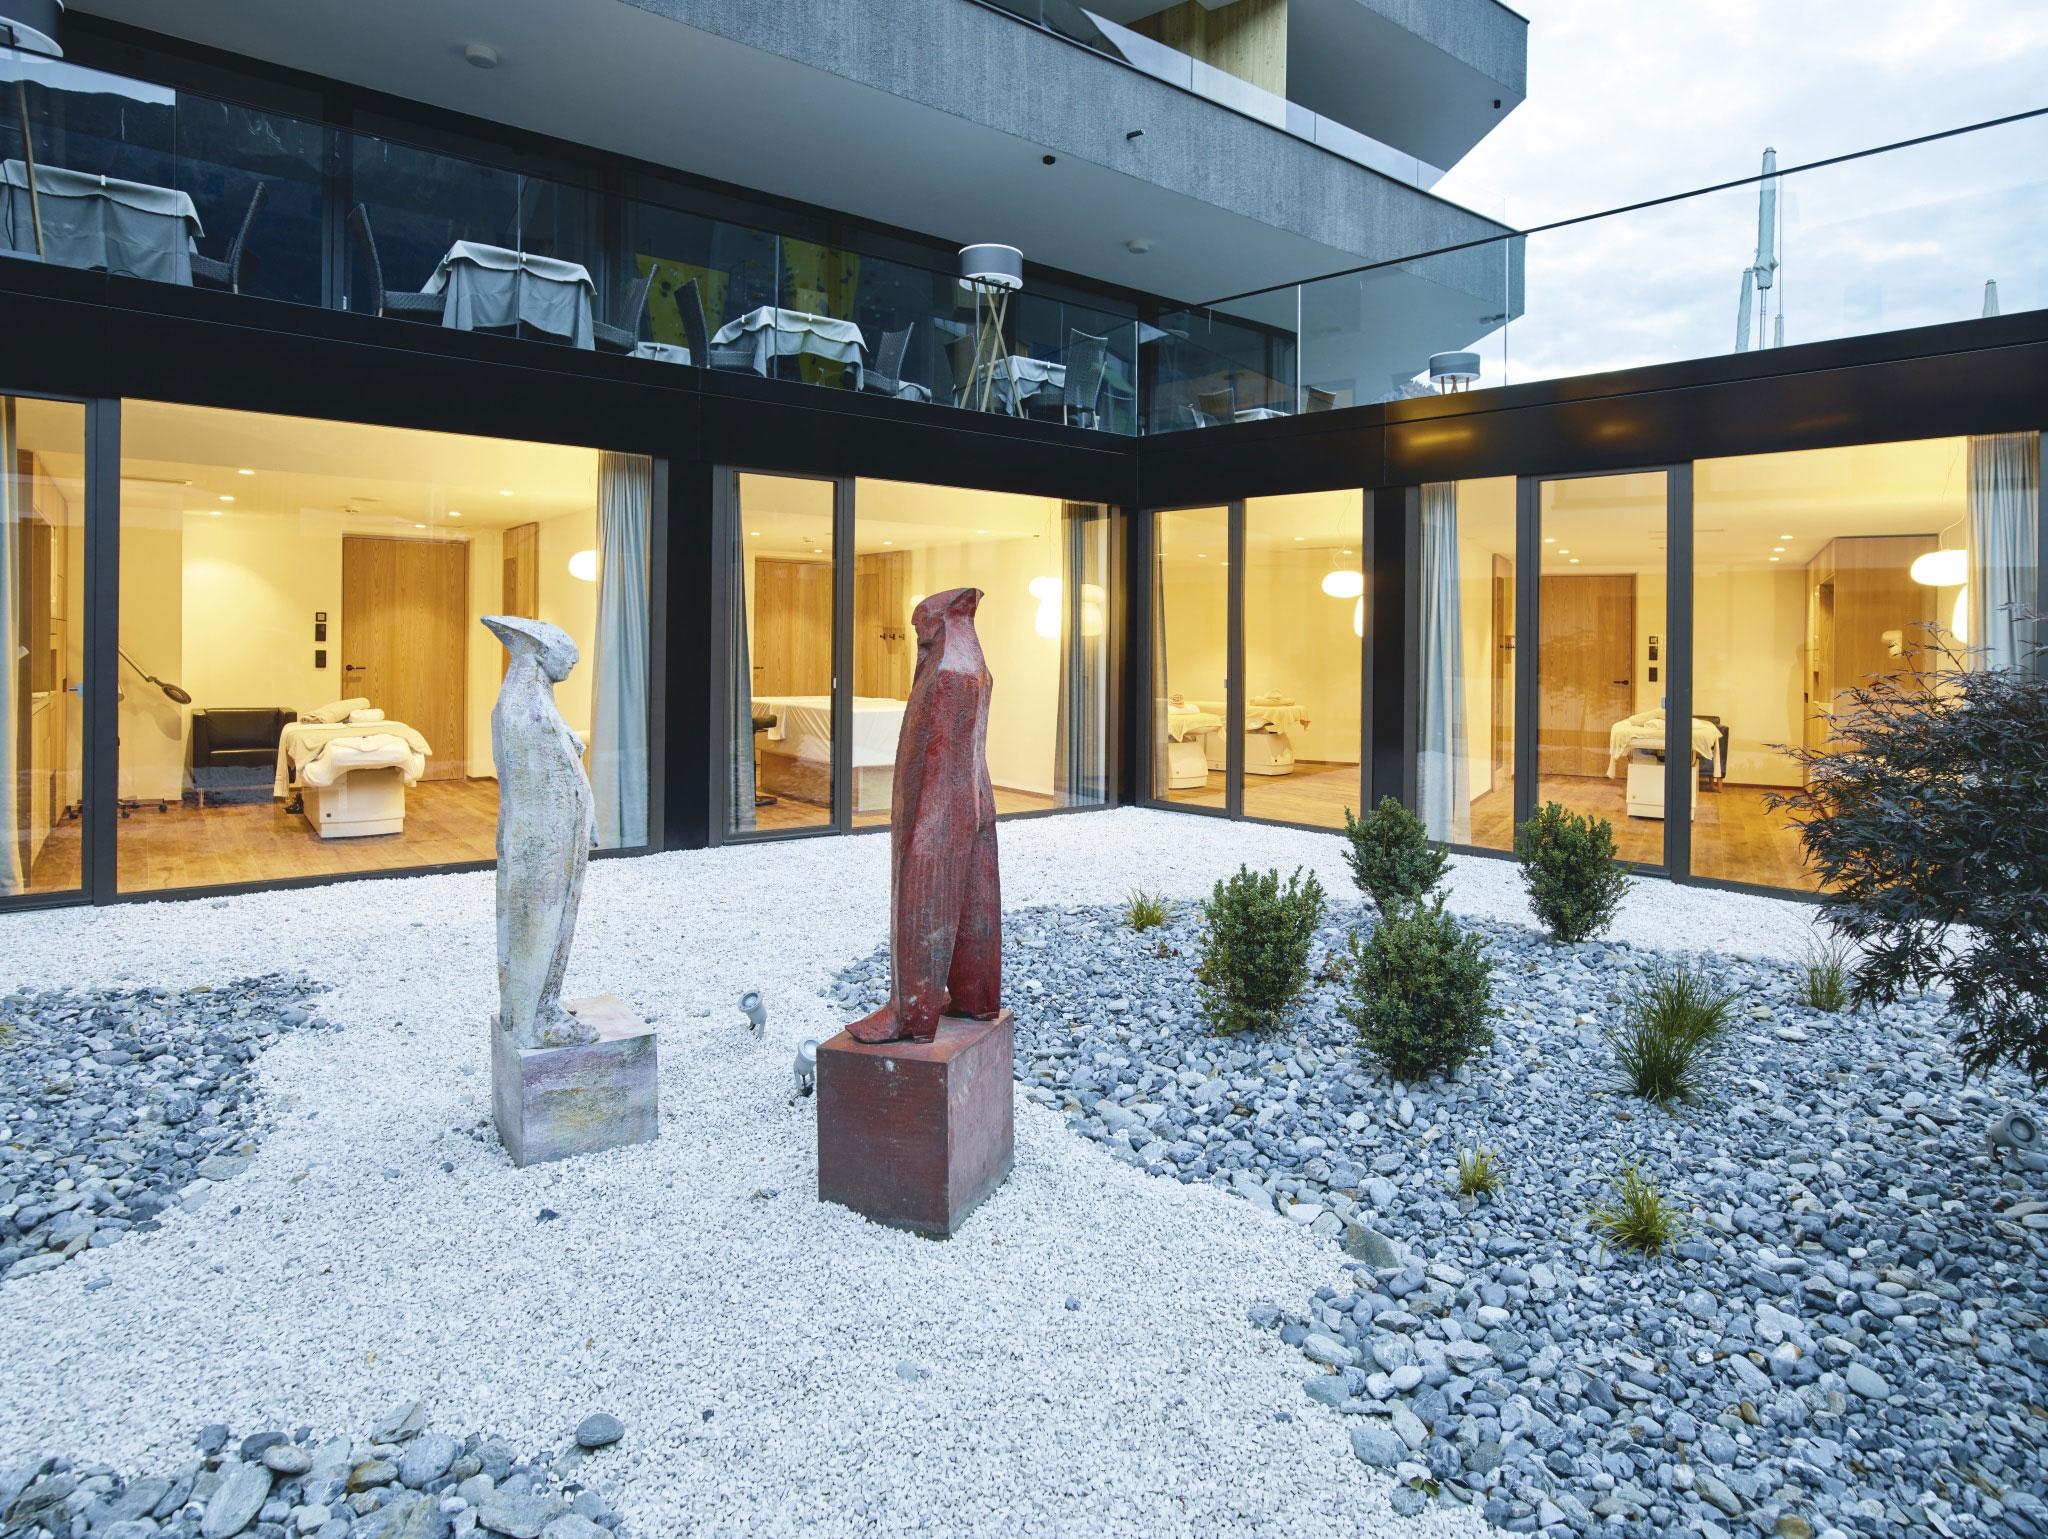 Skulpturen im Außenbereich